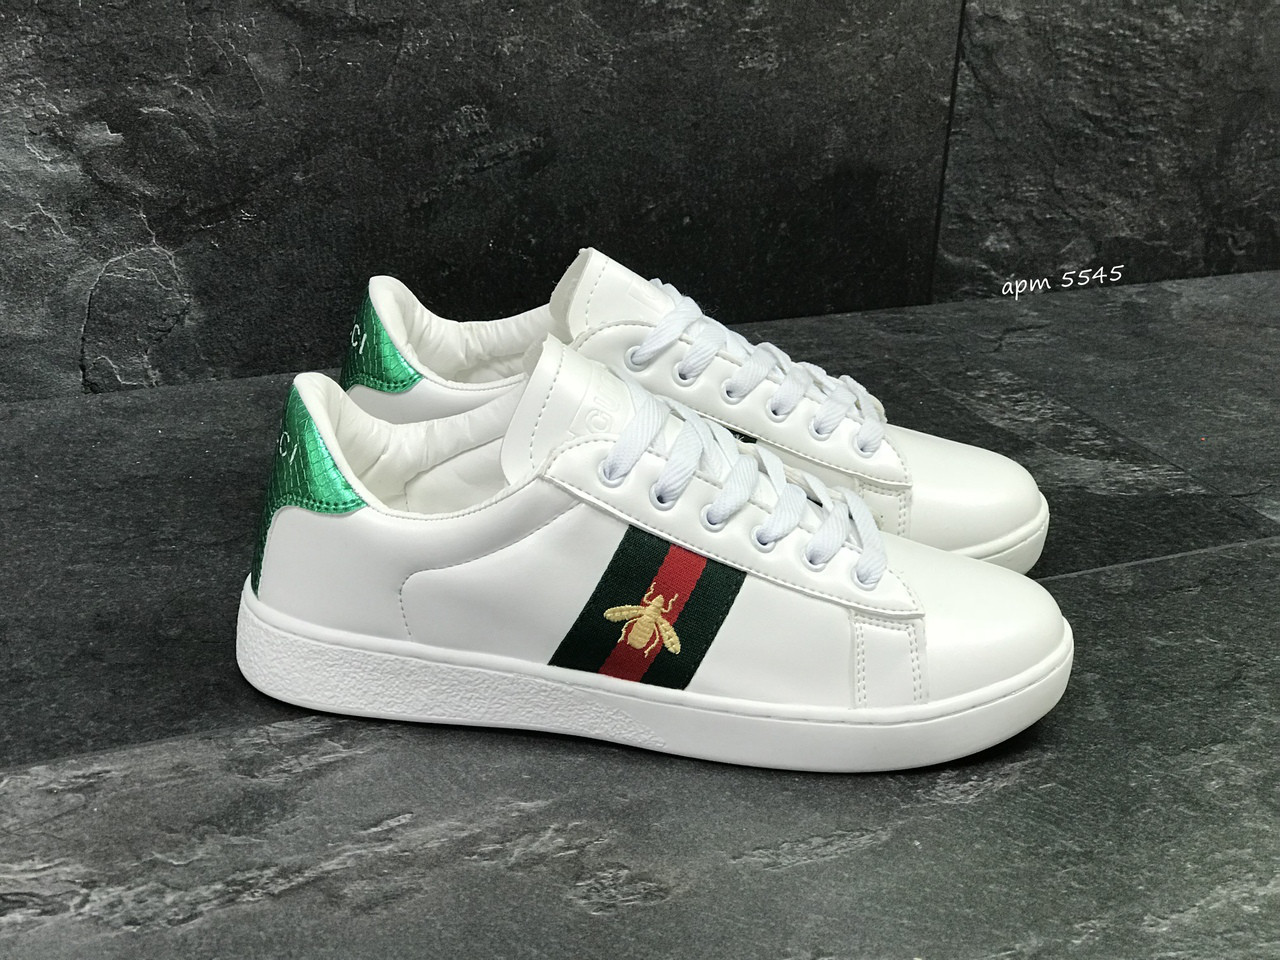 Мужские кроссовки Gucci, белые (Реплика) - Интернет-магазин